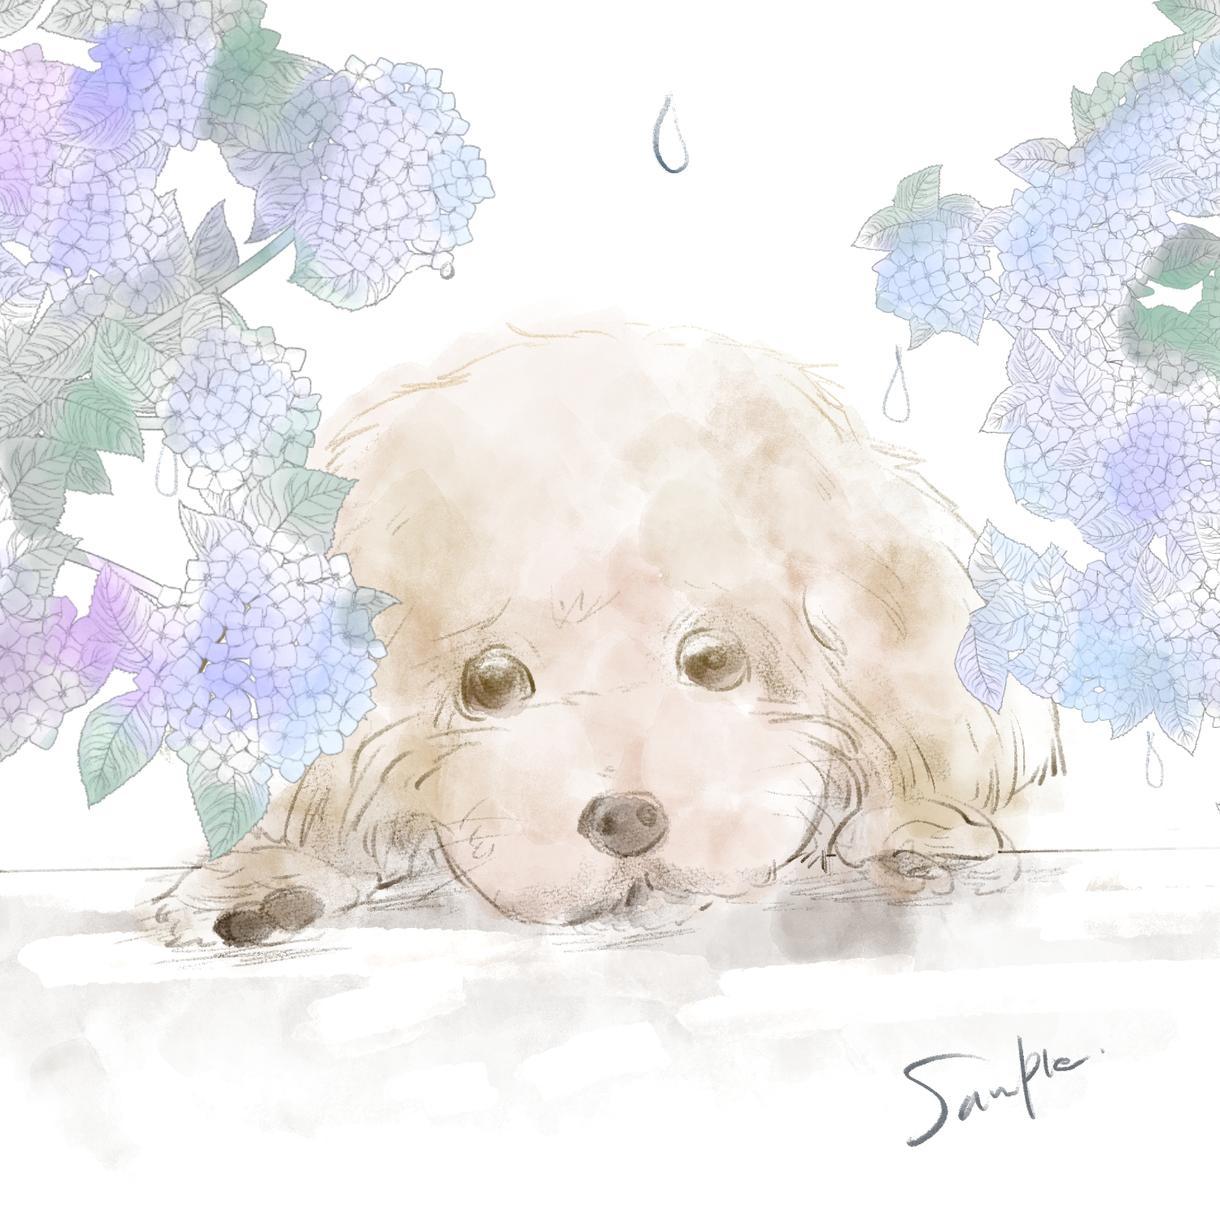 動物イラスト制作します ペットや好きな動物のイラスト制作します